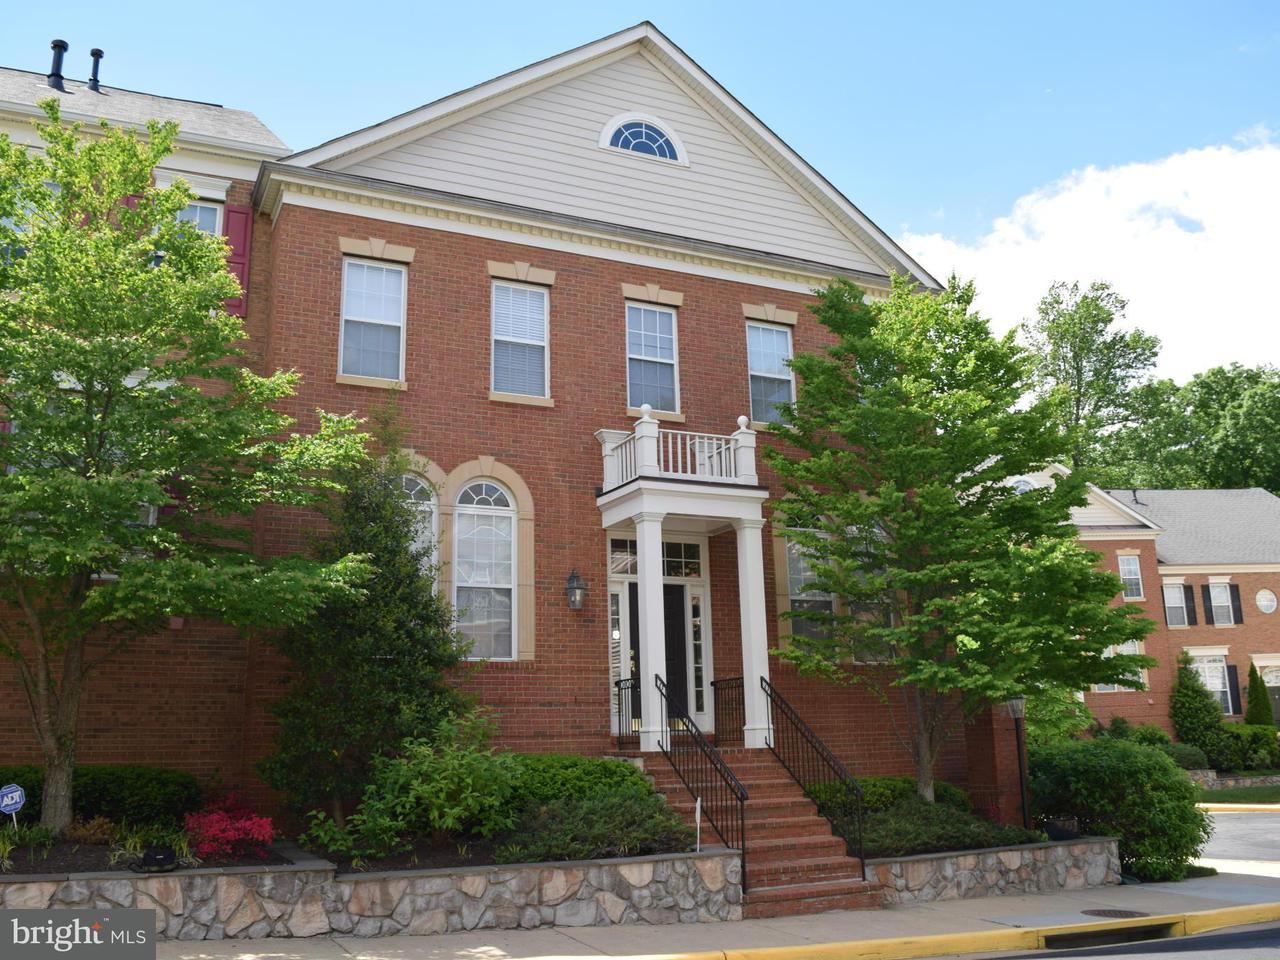 タウンハウス のために 売買 アット 1866 AMBERWOOD MANOR Court 1866 AMBERWOOD MANOR Court Vienna, バージニア 22182 アメリカ合衆国